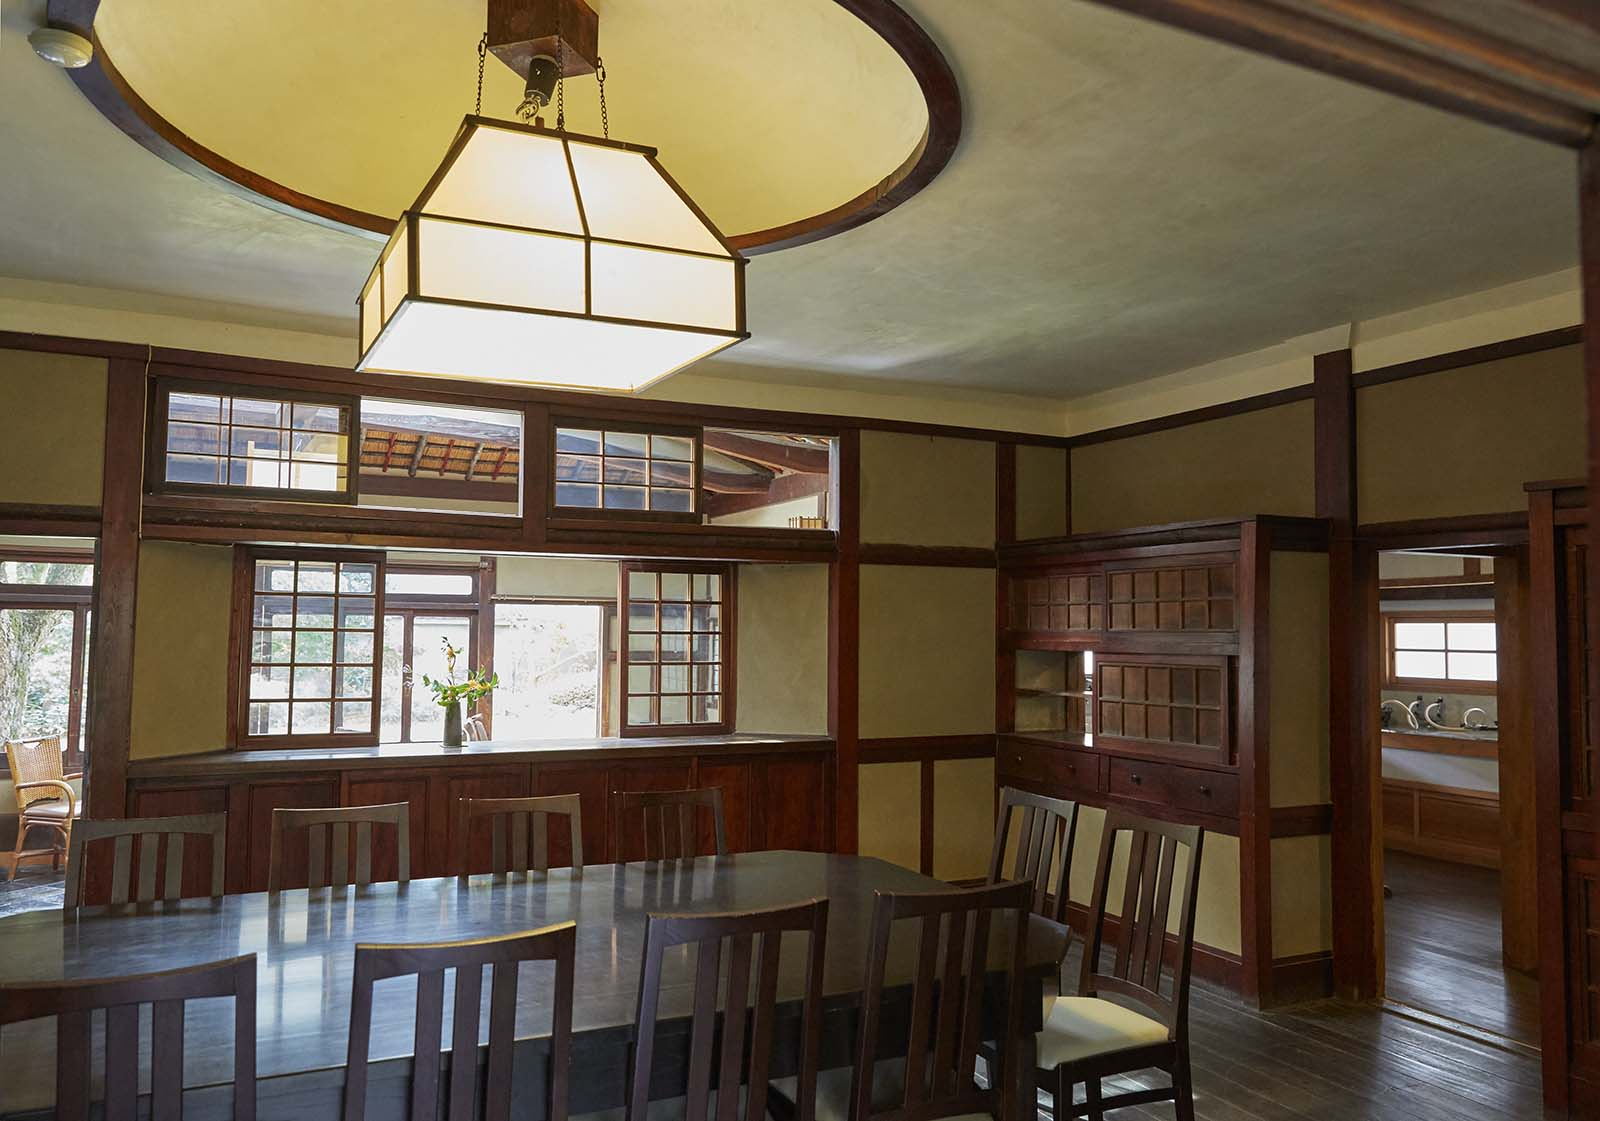 開放的なダイニングルーム。角にある戸棚は隣の台所からも物の出し入れができる。